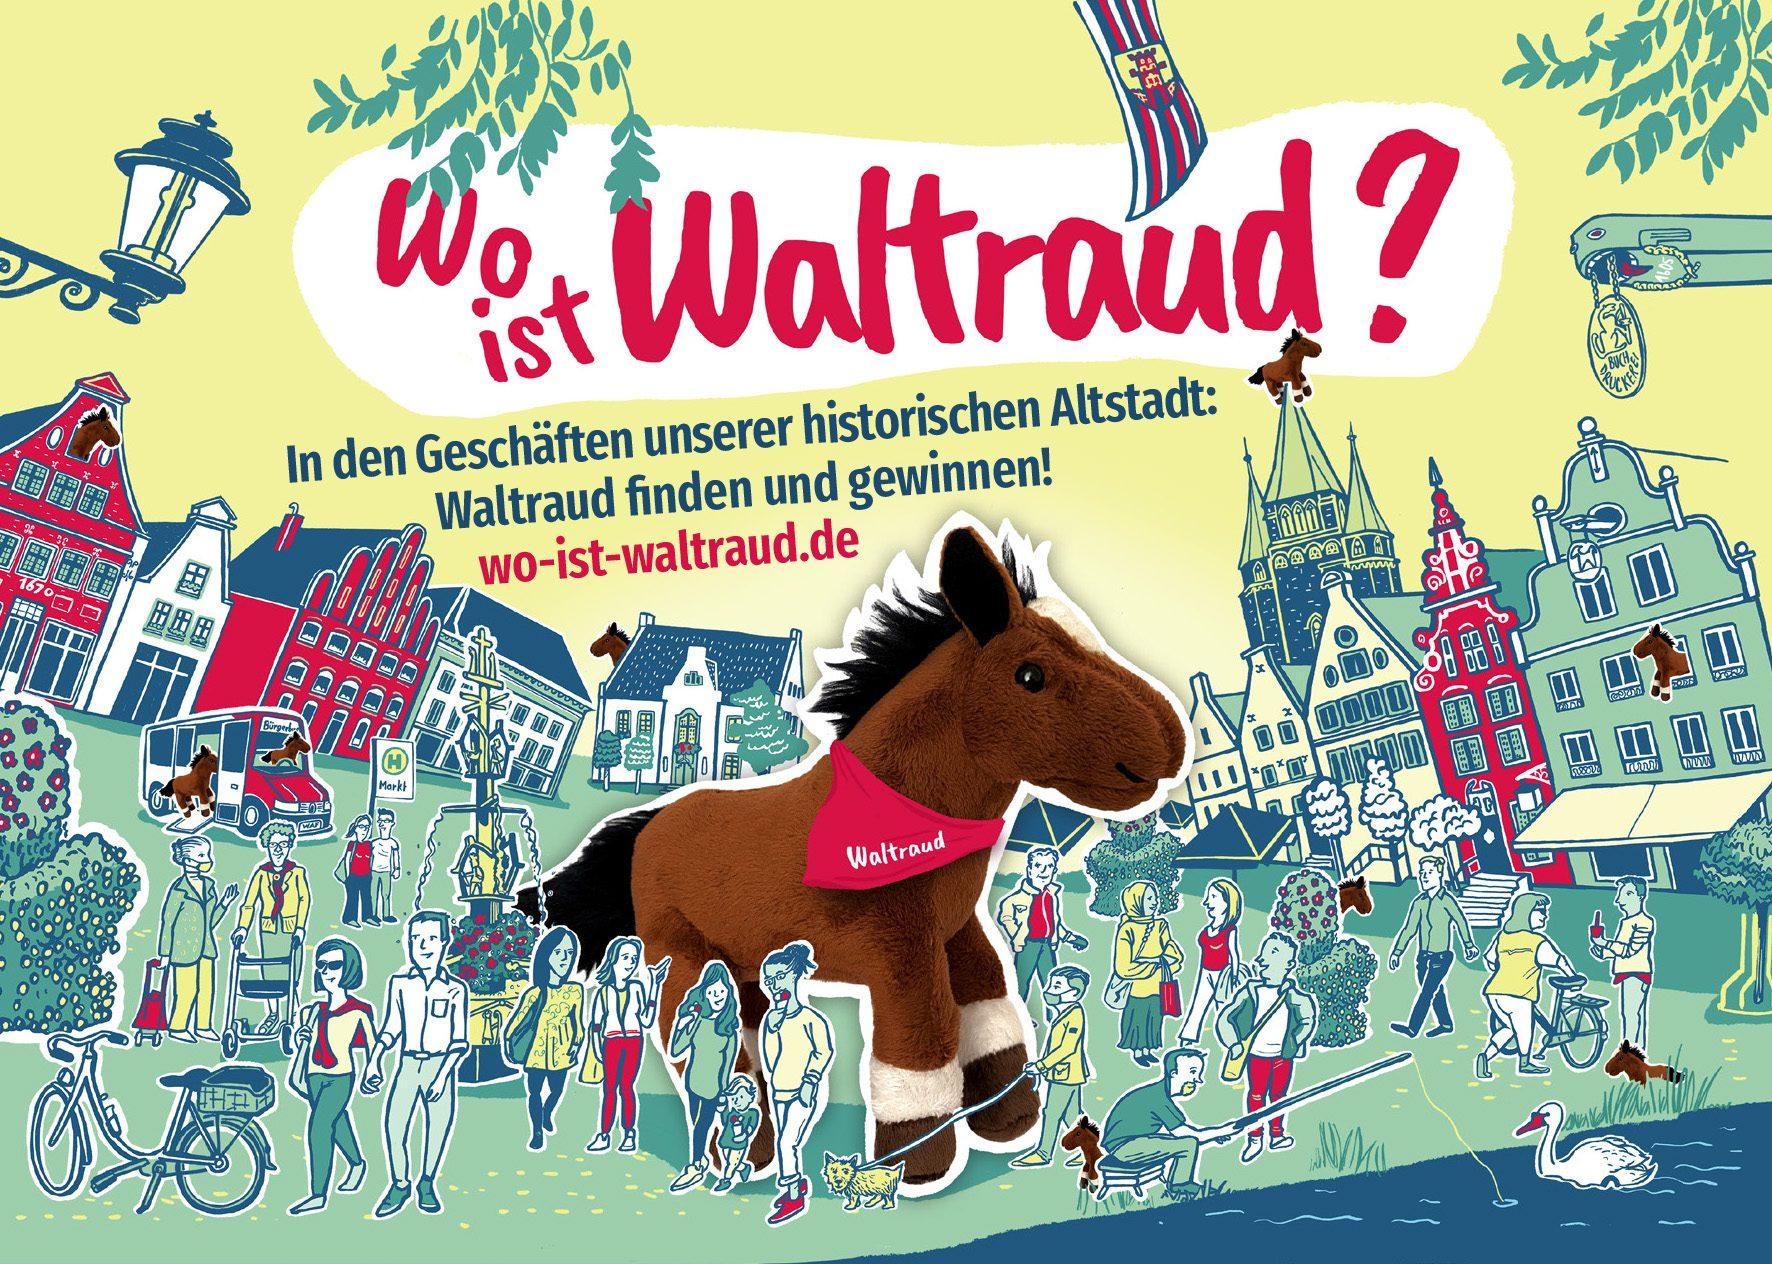 Warendorf sucht Waltraud